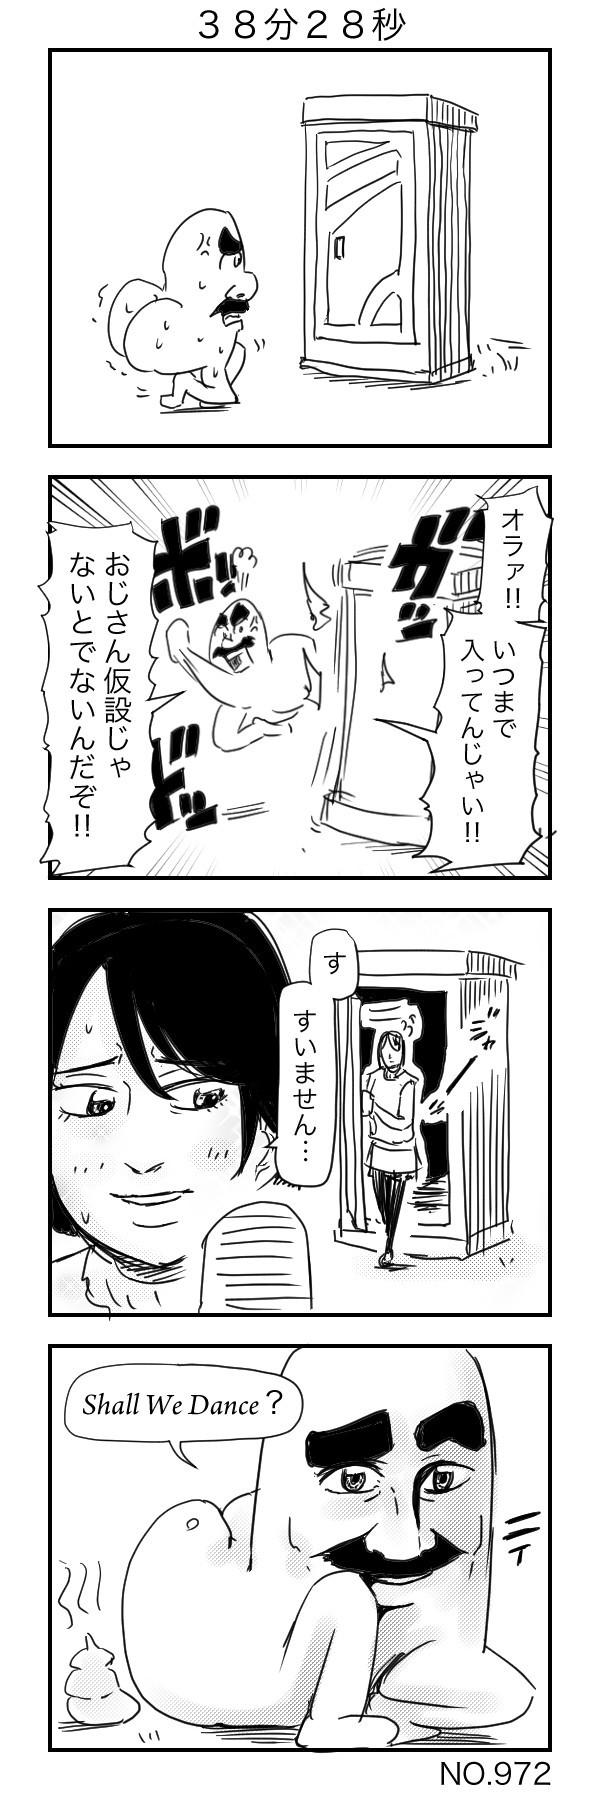 プリケツおじさんと緊急事態(38分28秒)